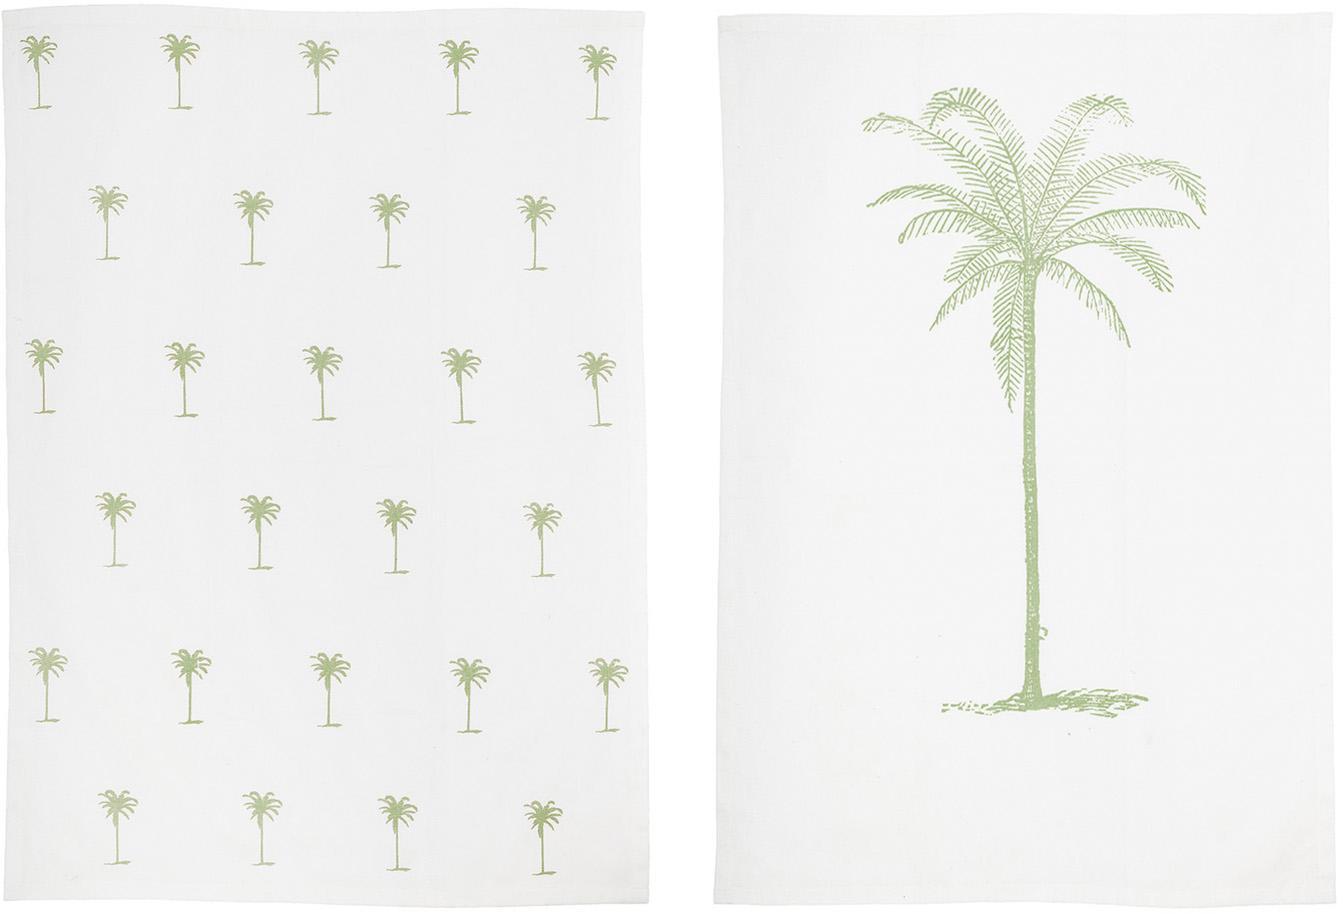 Geschirrtücher Nala mit Palmenmotiv, 2 Stück, Baumwolle, Gebrochenes Weiss (Offwhite), Beige, 50 x 70 cm